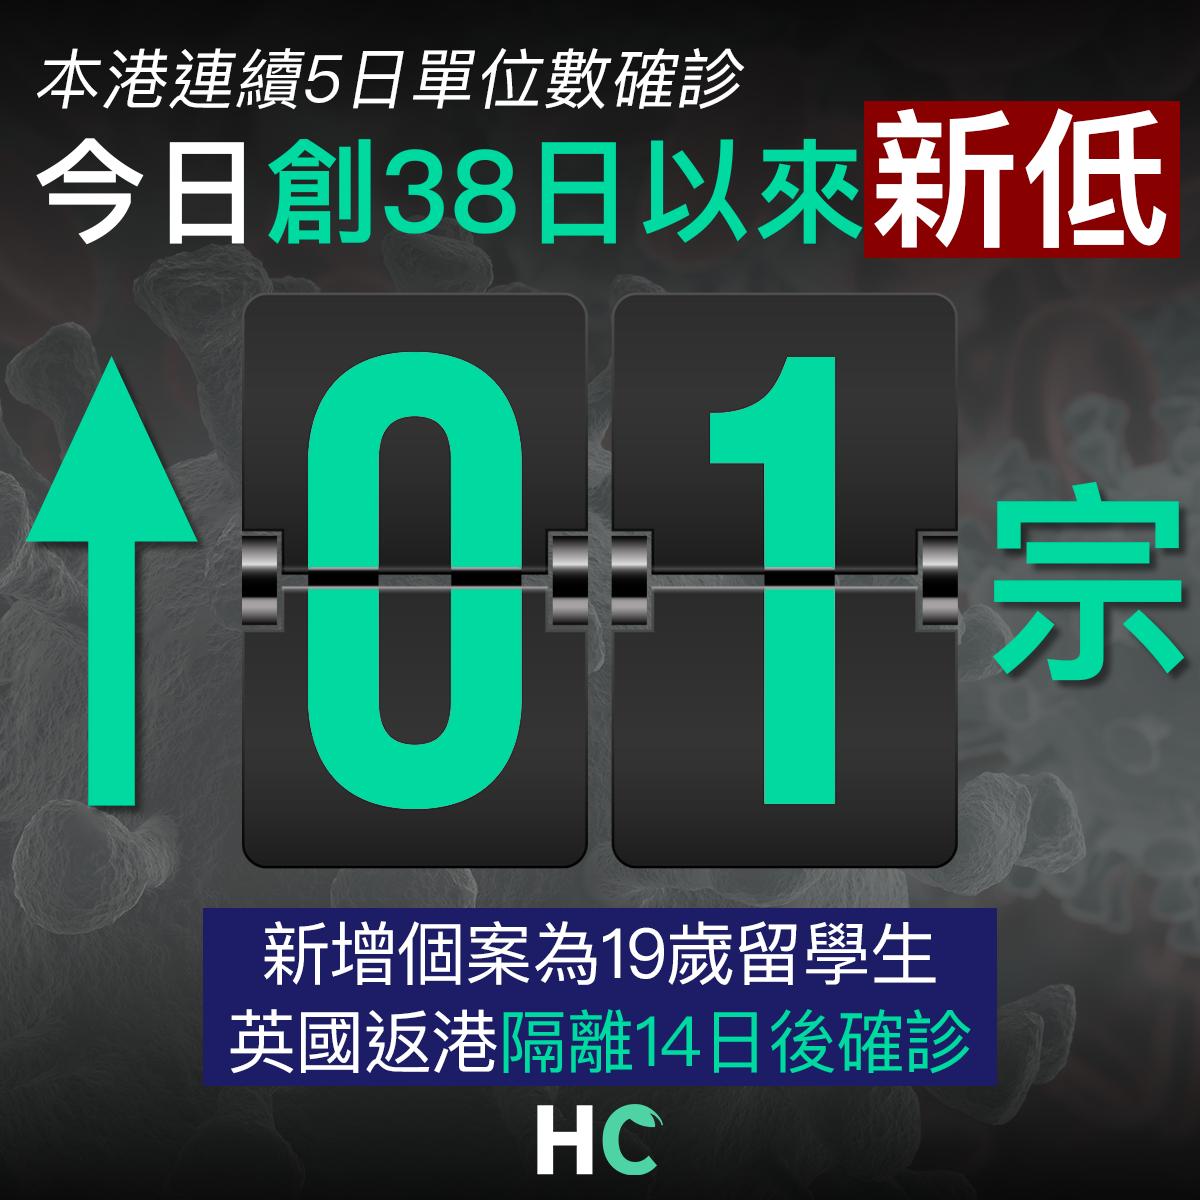 【#武漢肺炎】本港連續5日單位數確診 今日新增1宗創38日以來新低